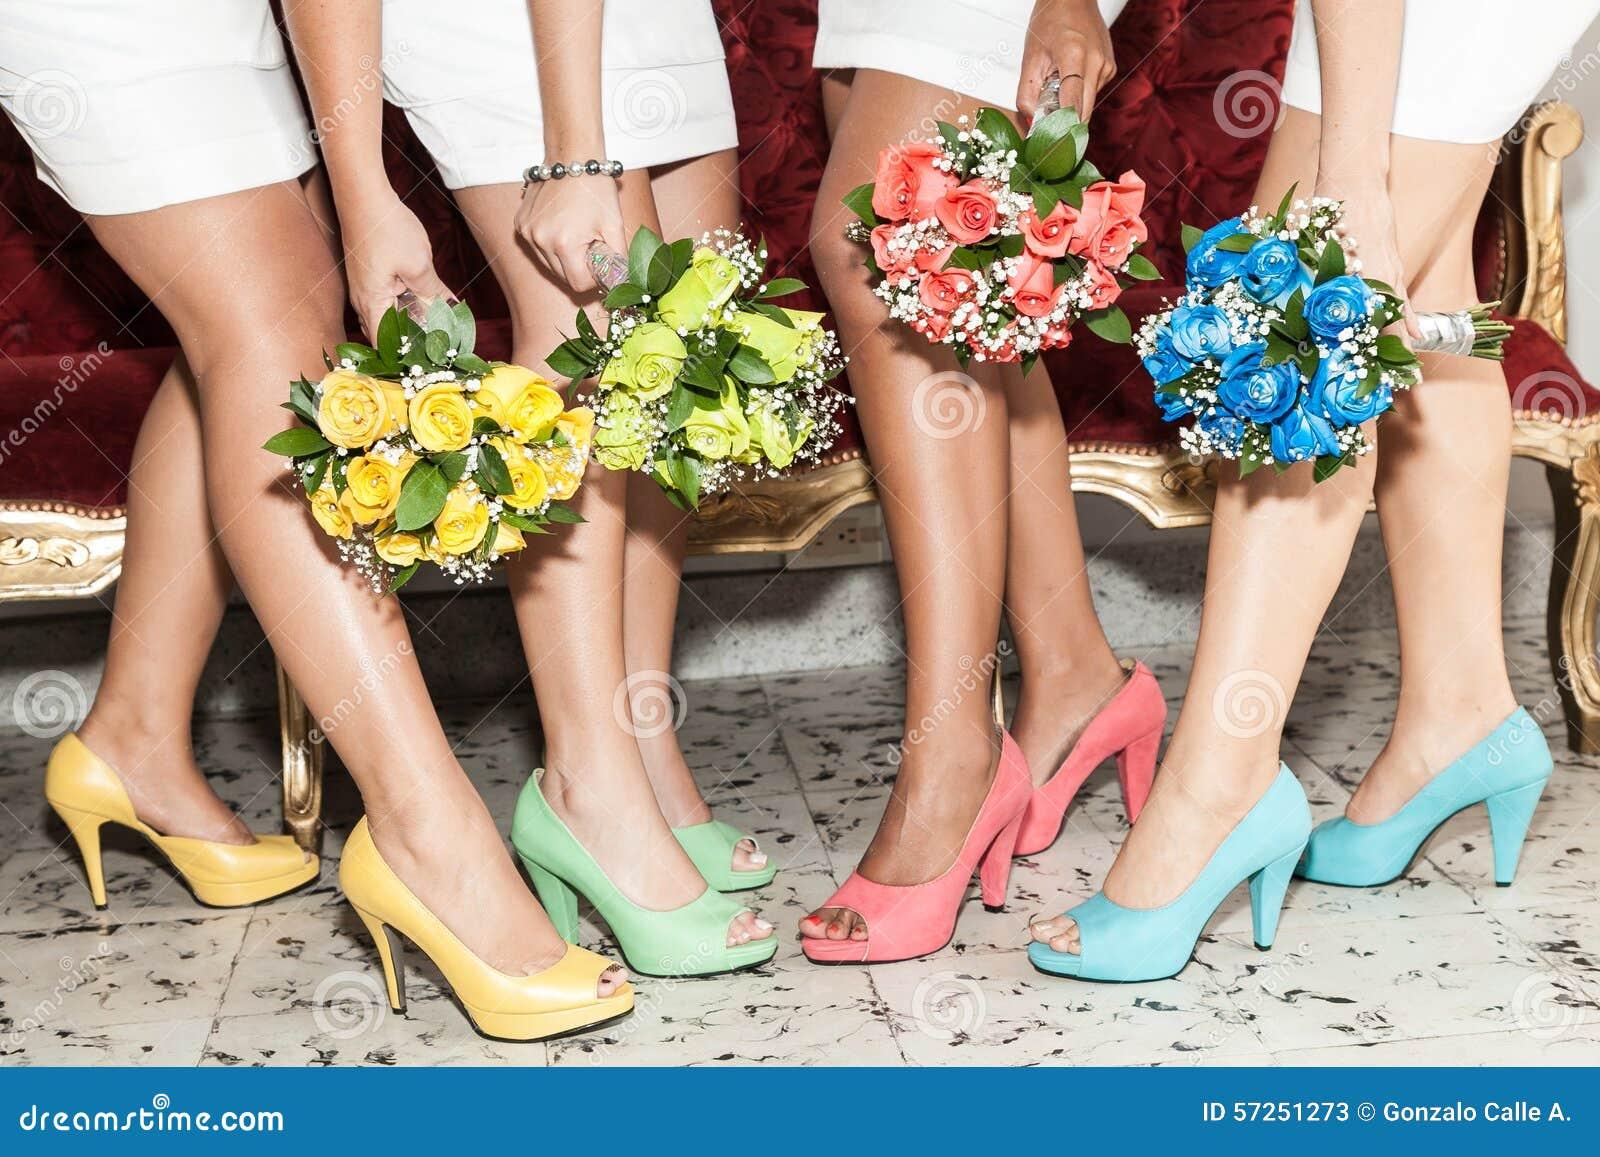 Con Fila Y Damas Flores Los Honor Zapatos De Ramos UqtHwq7x